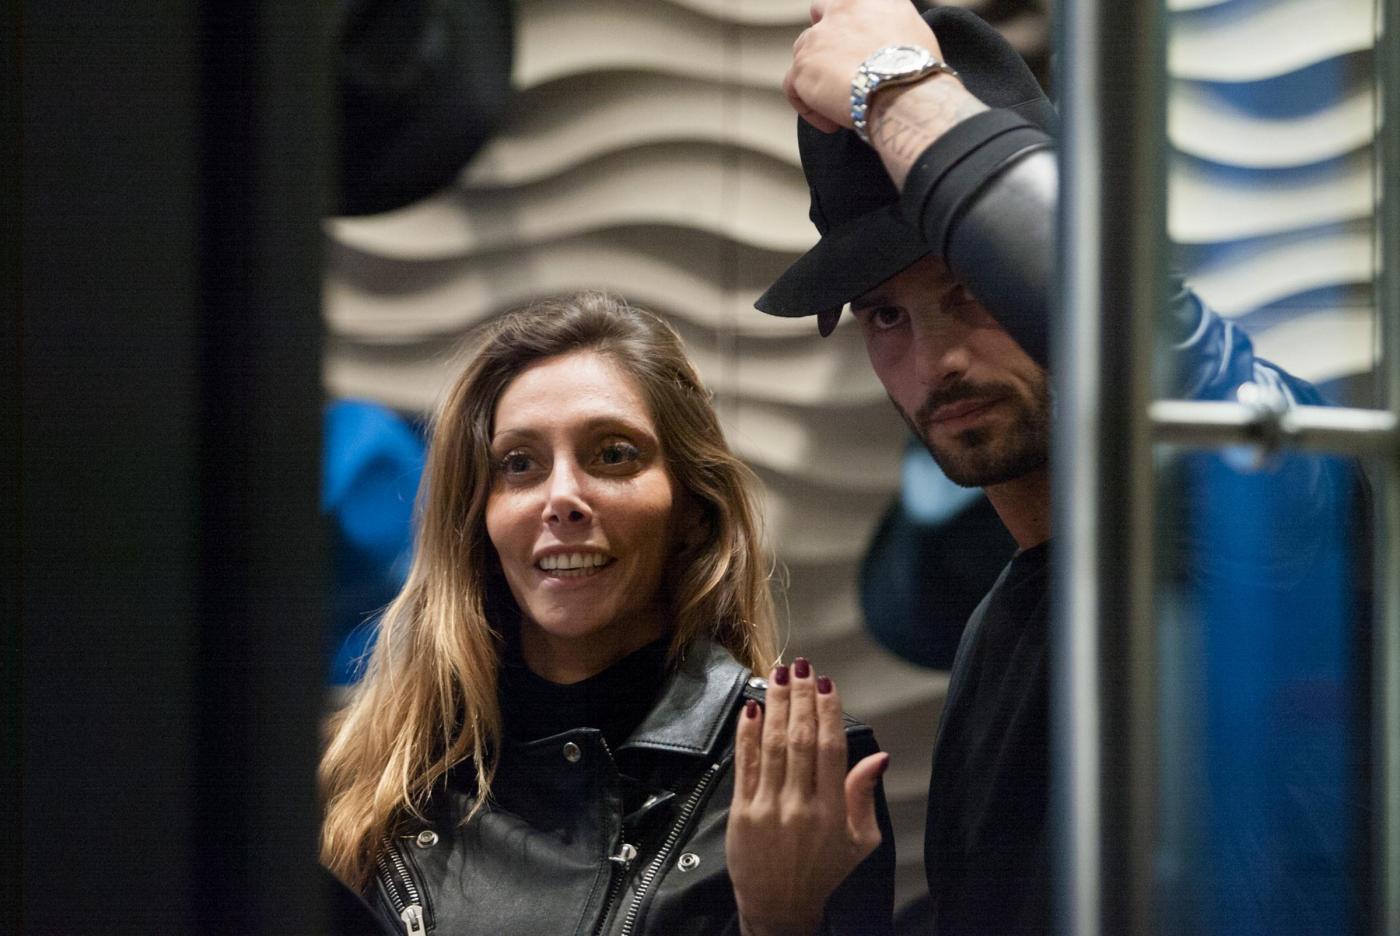 Alessio Lopasso e Roberta Bonfanti travolti dalla passione durante lo shopping13